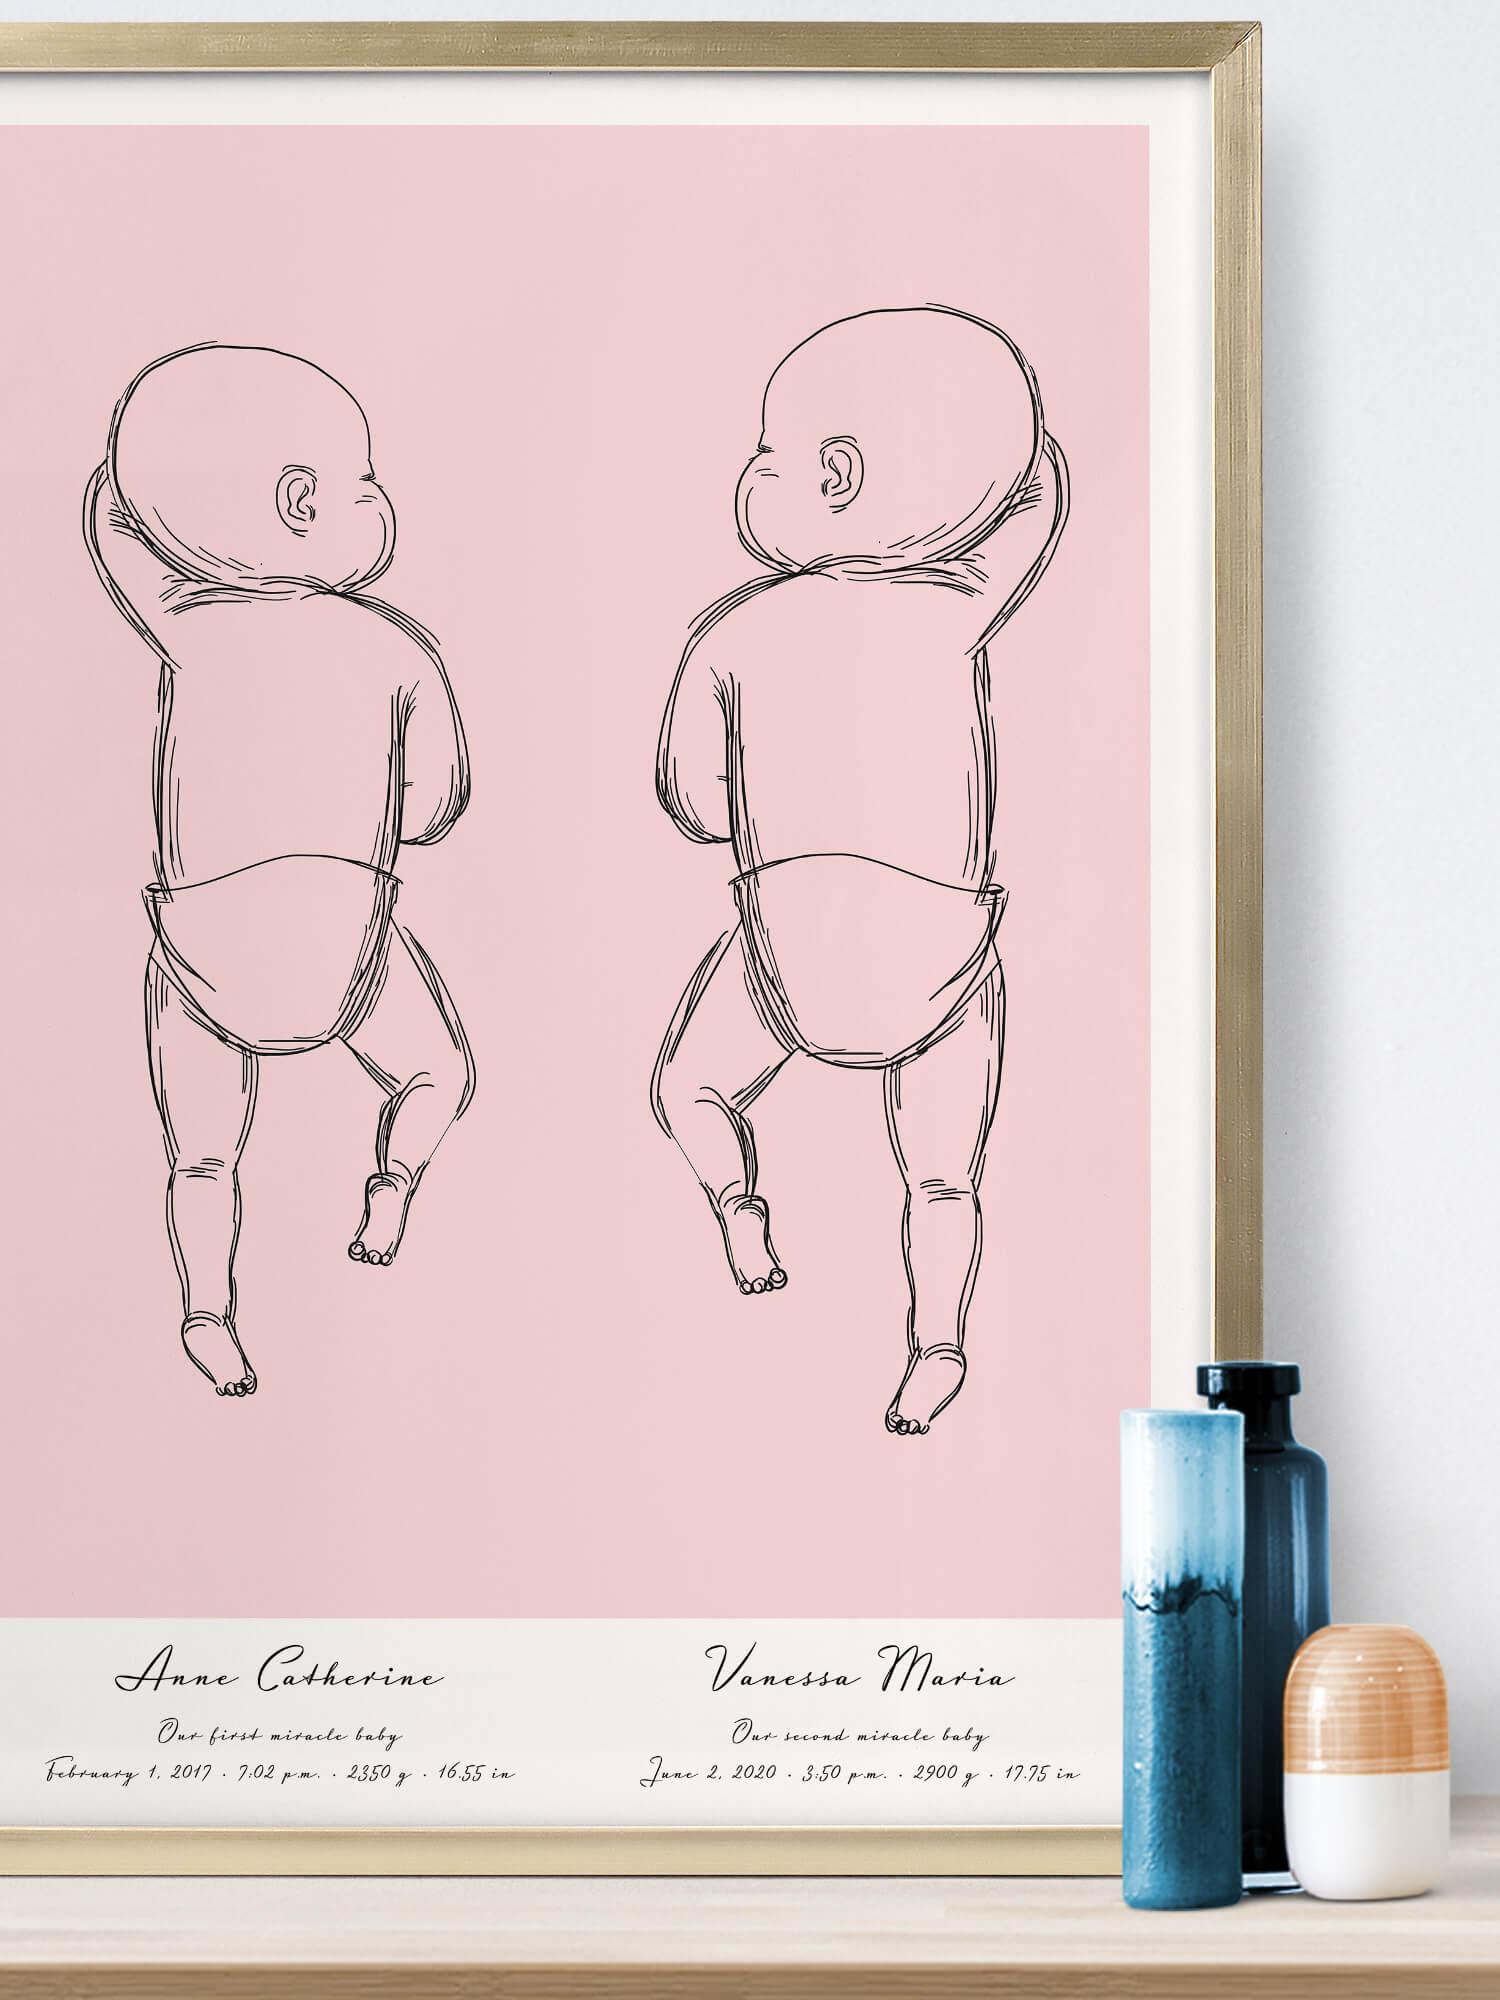 Póster_De nacimiento_Personalizado_Bebé_Póster_Cuarto_De niños_Nombre_Póster_Positive Prints